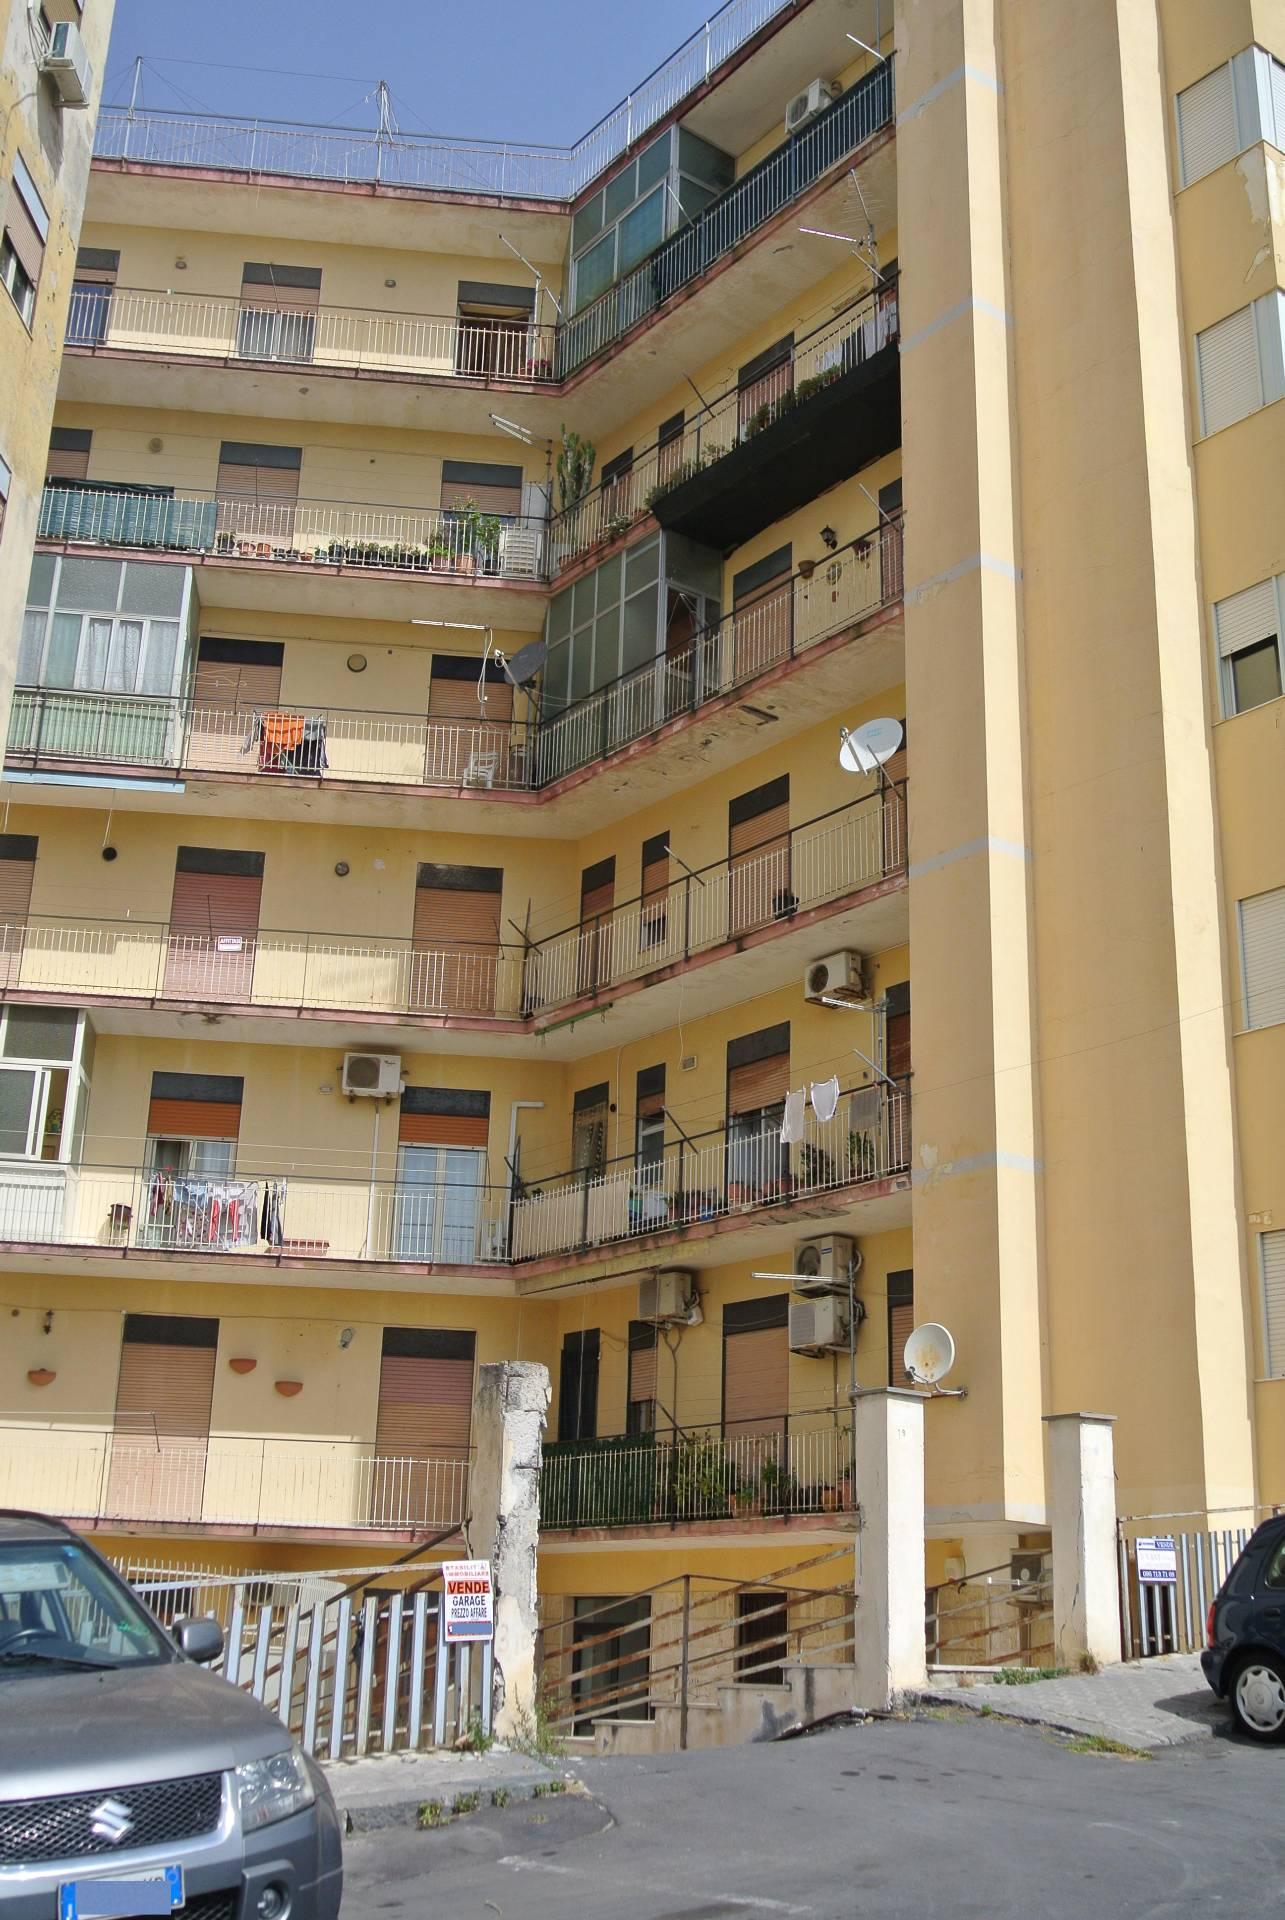 Appartamento in affitto a Valverde, 3 locali, zona Località: carminello, prezzo € 300 | Cambio Casa.it